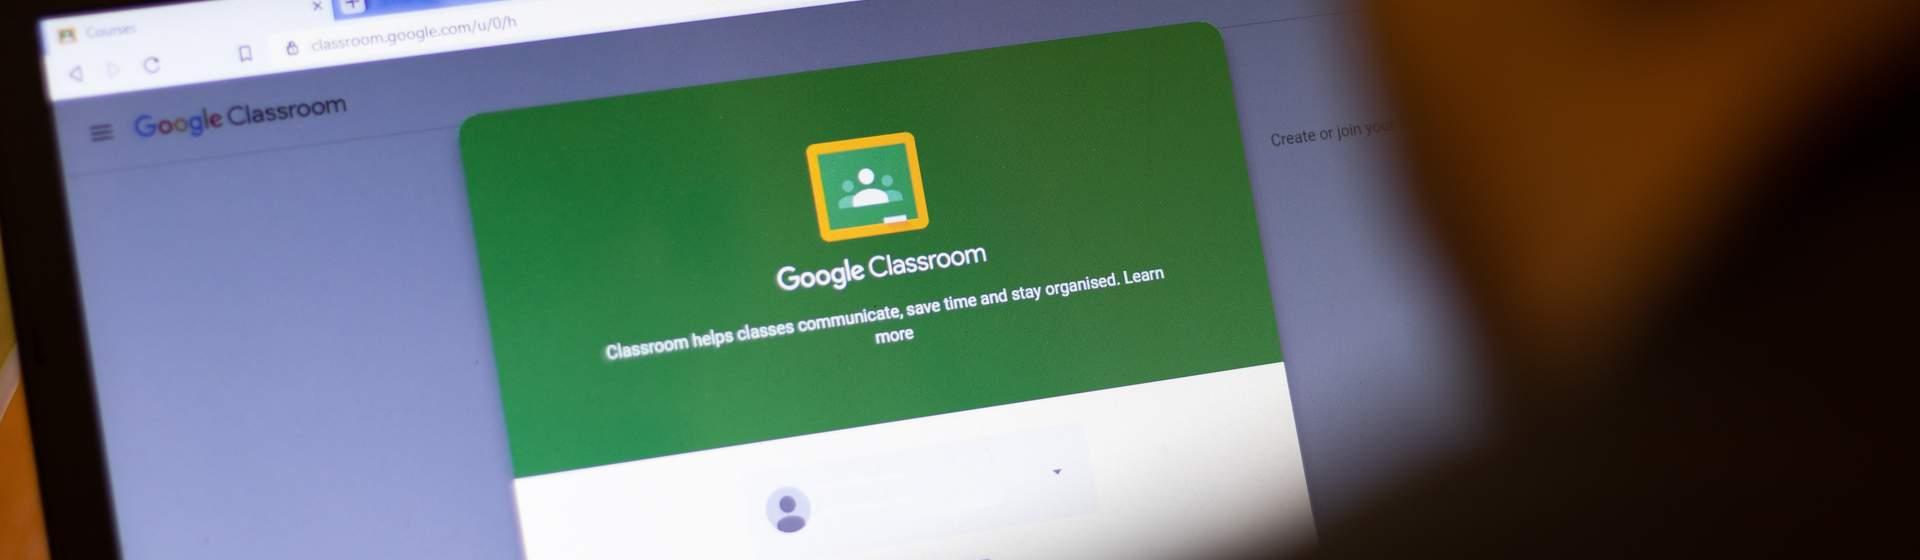 Como usar o Google Classroom e ter uma sala de aula online?